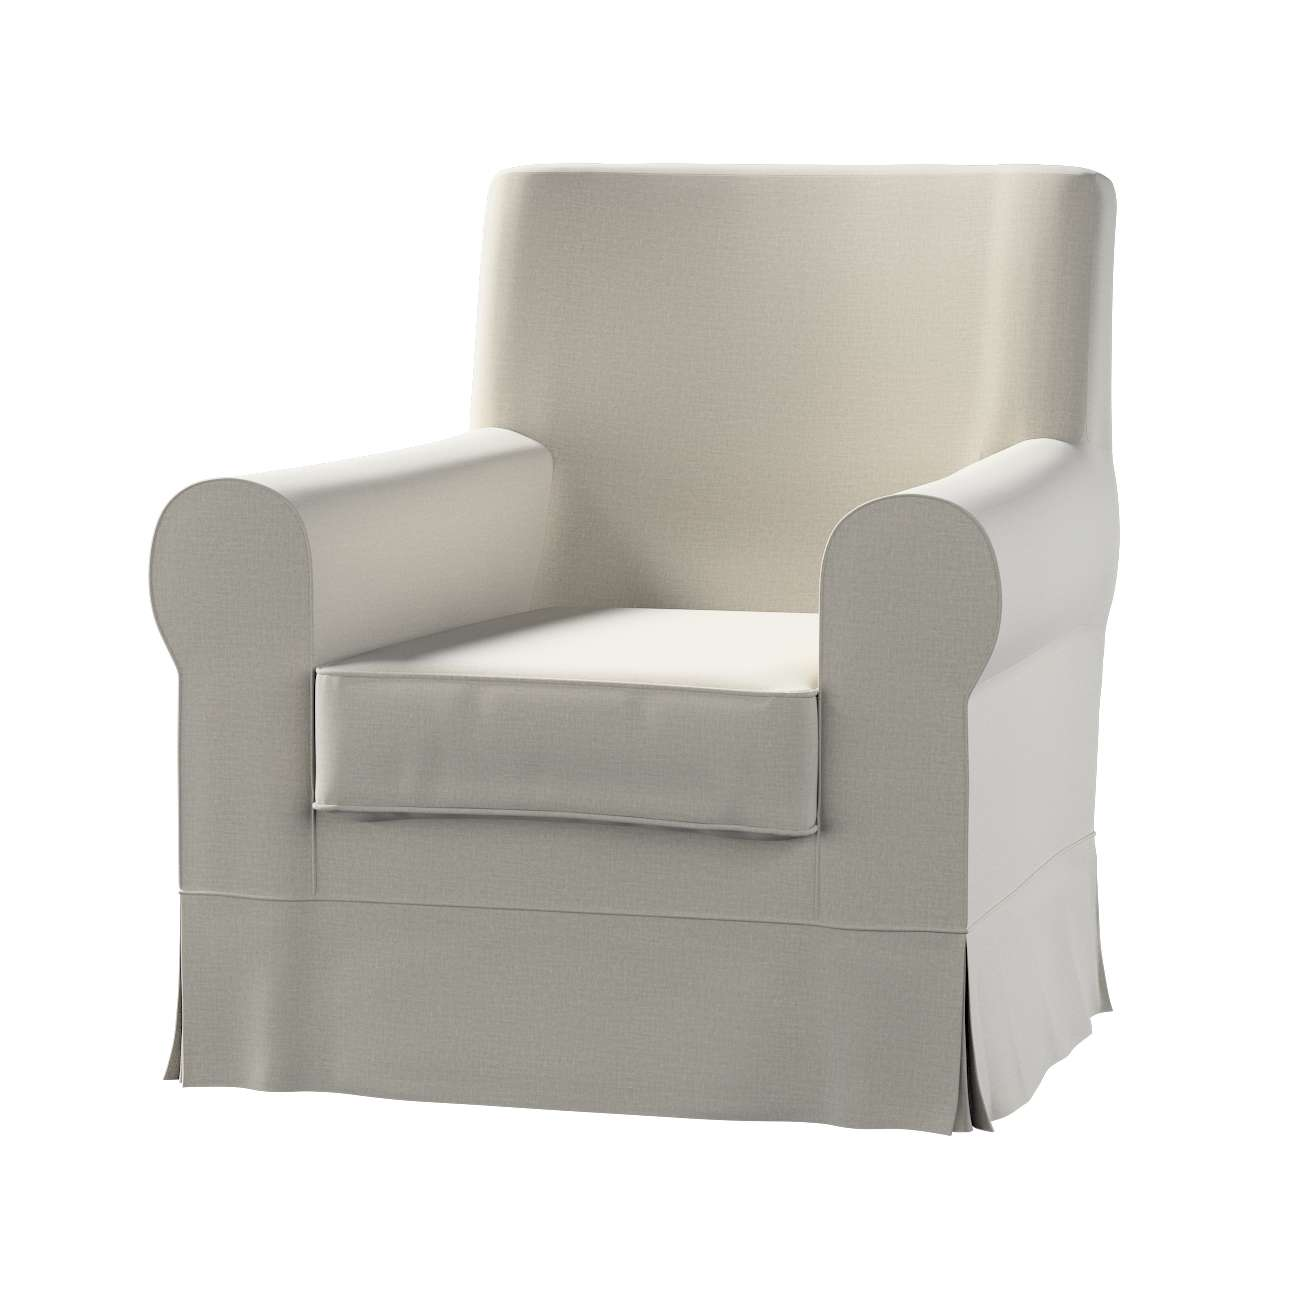 Pokrowiec na fotel Ektorp Jennylund w kolekcji Ingrid, tkanina: 705-40